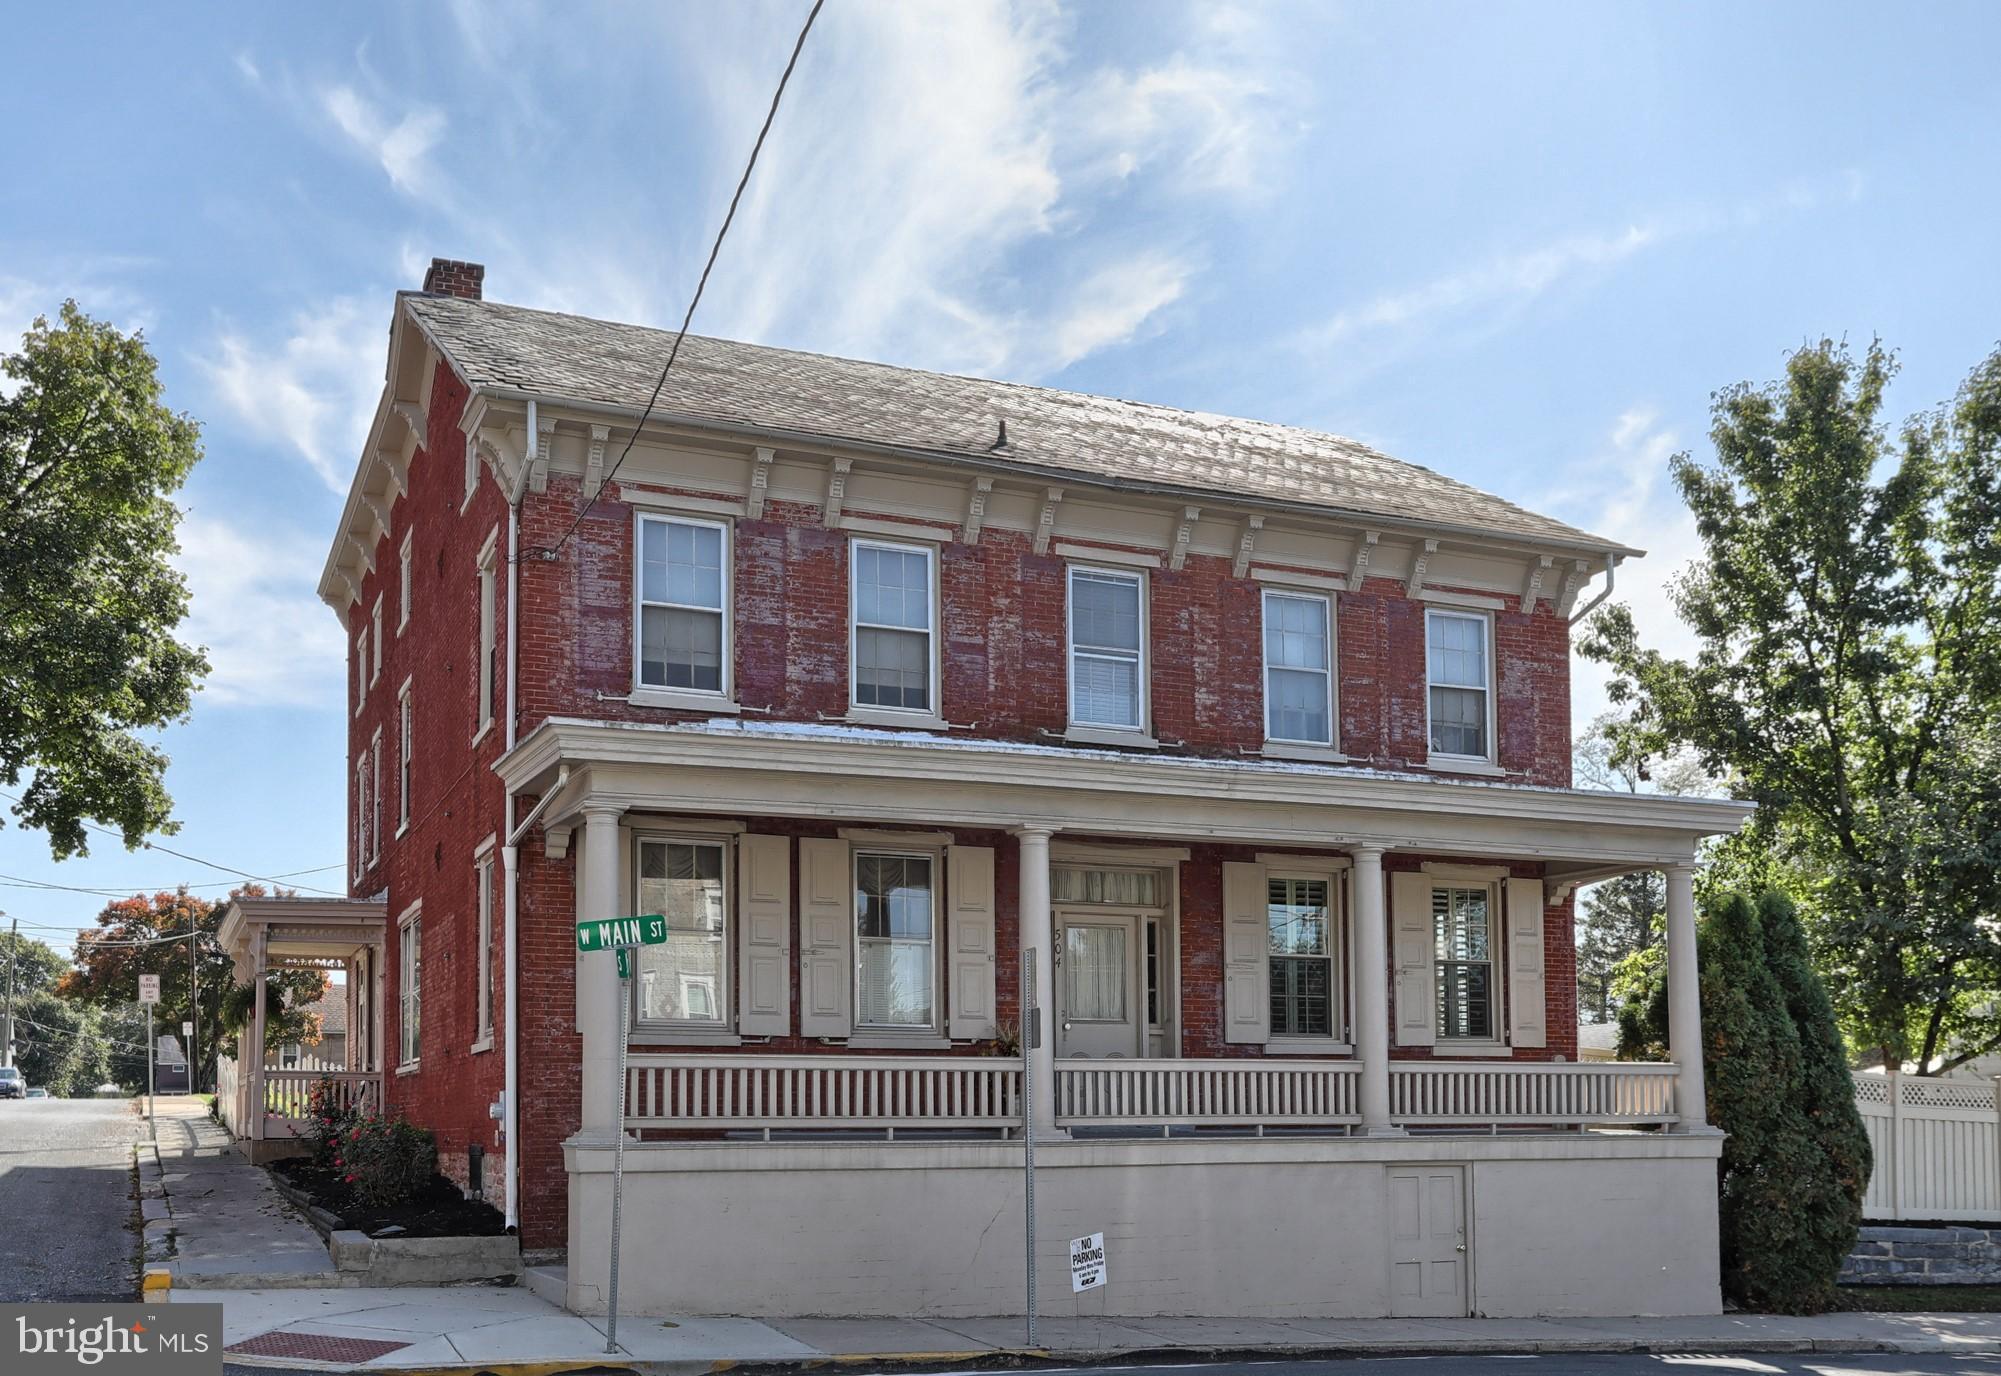 504 W MAIN STREET, ANNVILLE, PA 17003